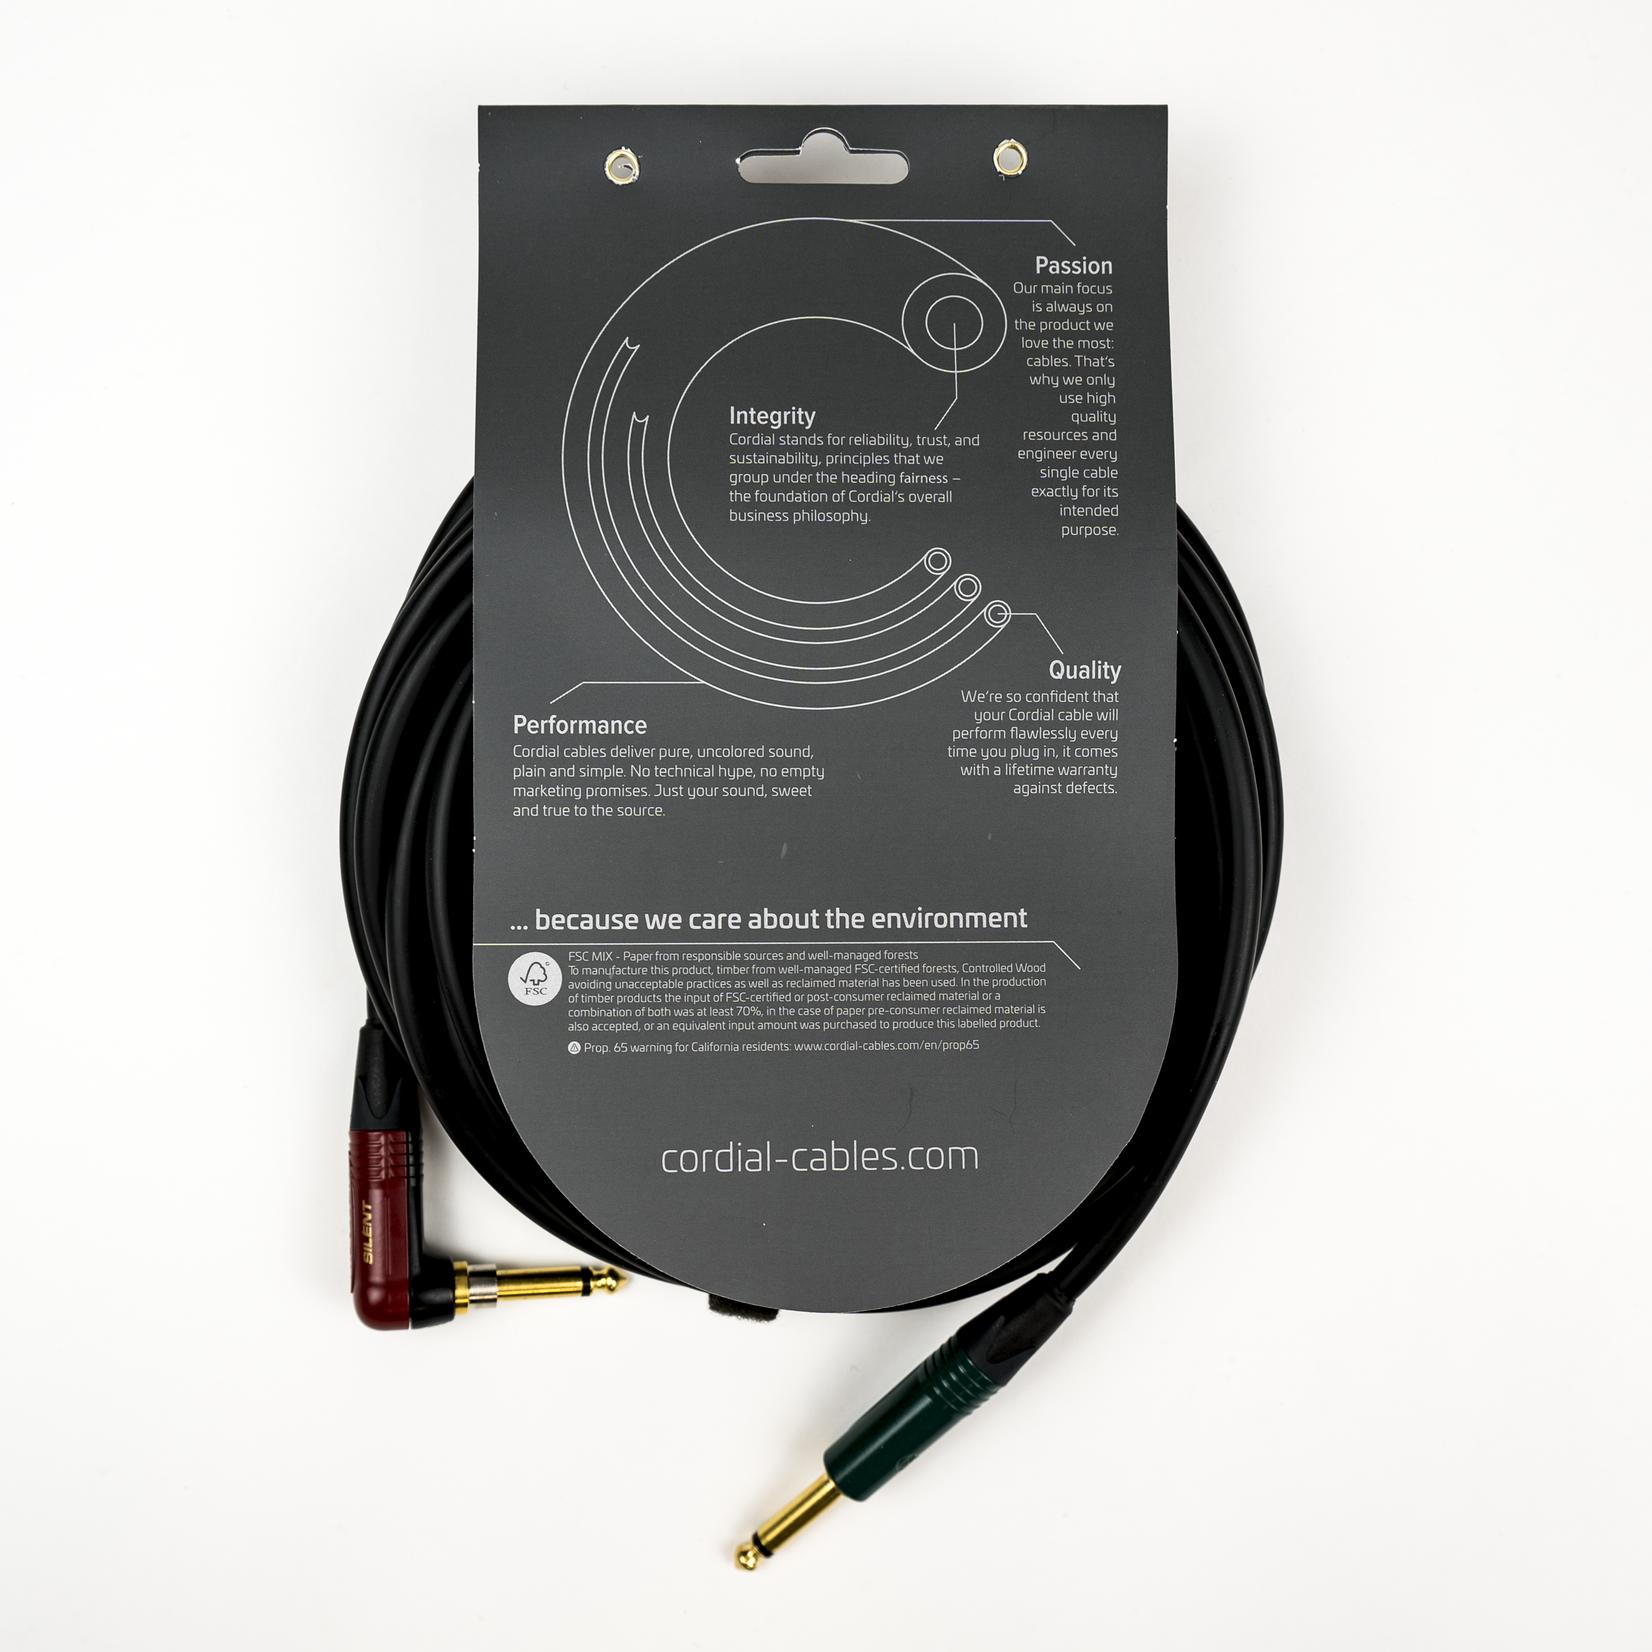 Cordial Cables Cordial 6m /~20ft Premium High-Copper German Inst. Cable, 1/4''-RA SILENT Neutrik Conns., CRI 6 RP-SILENT